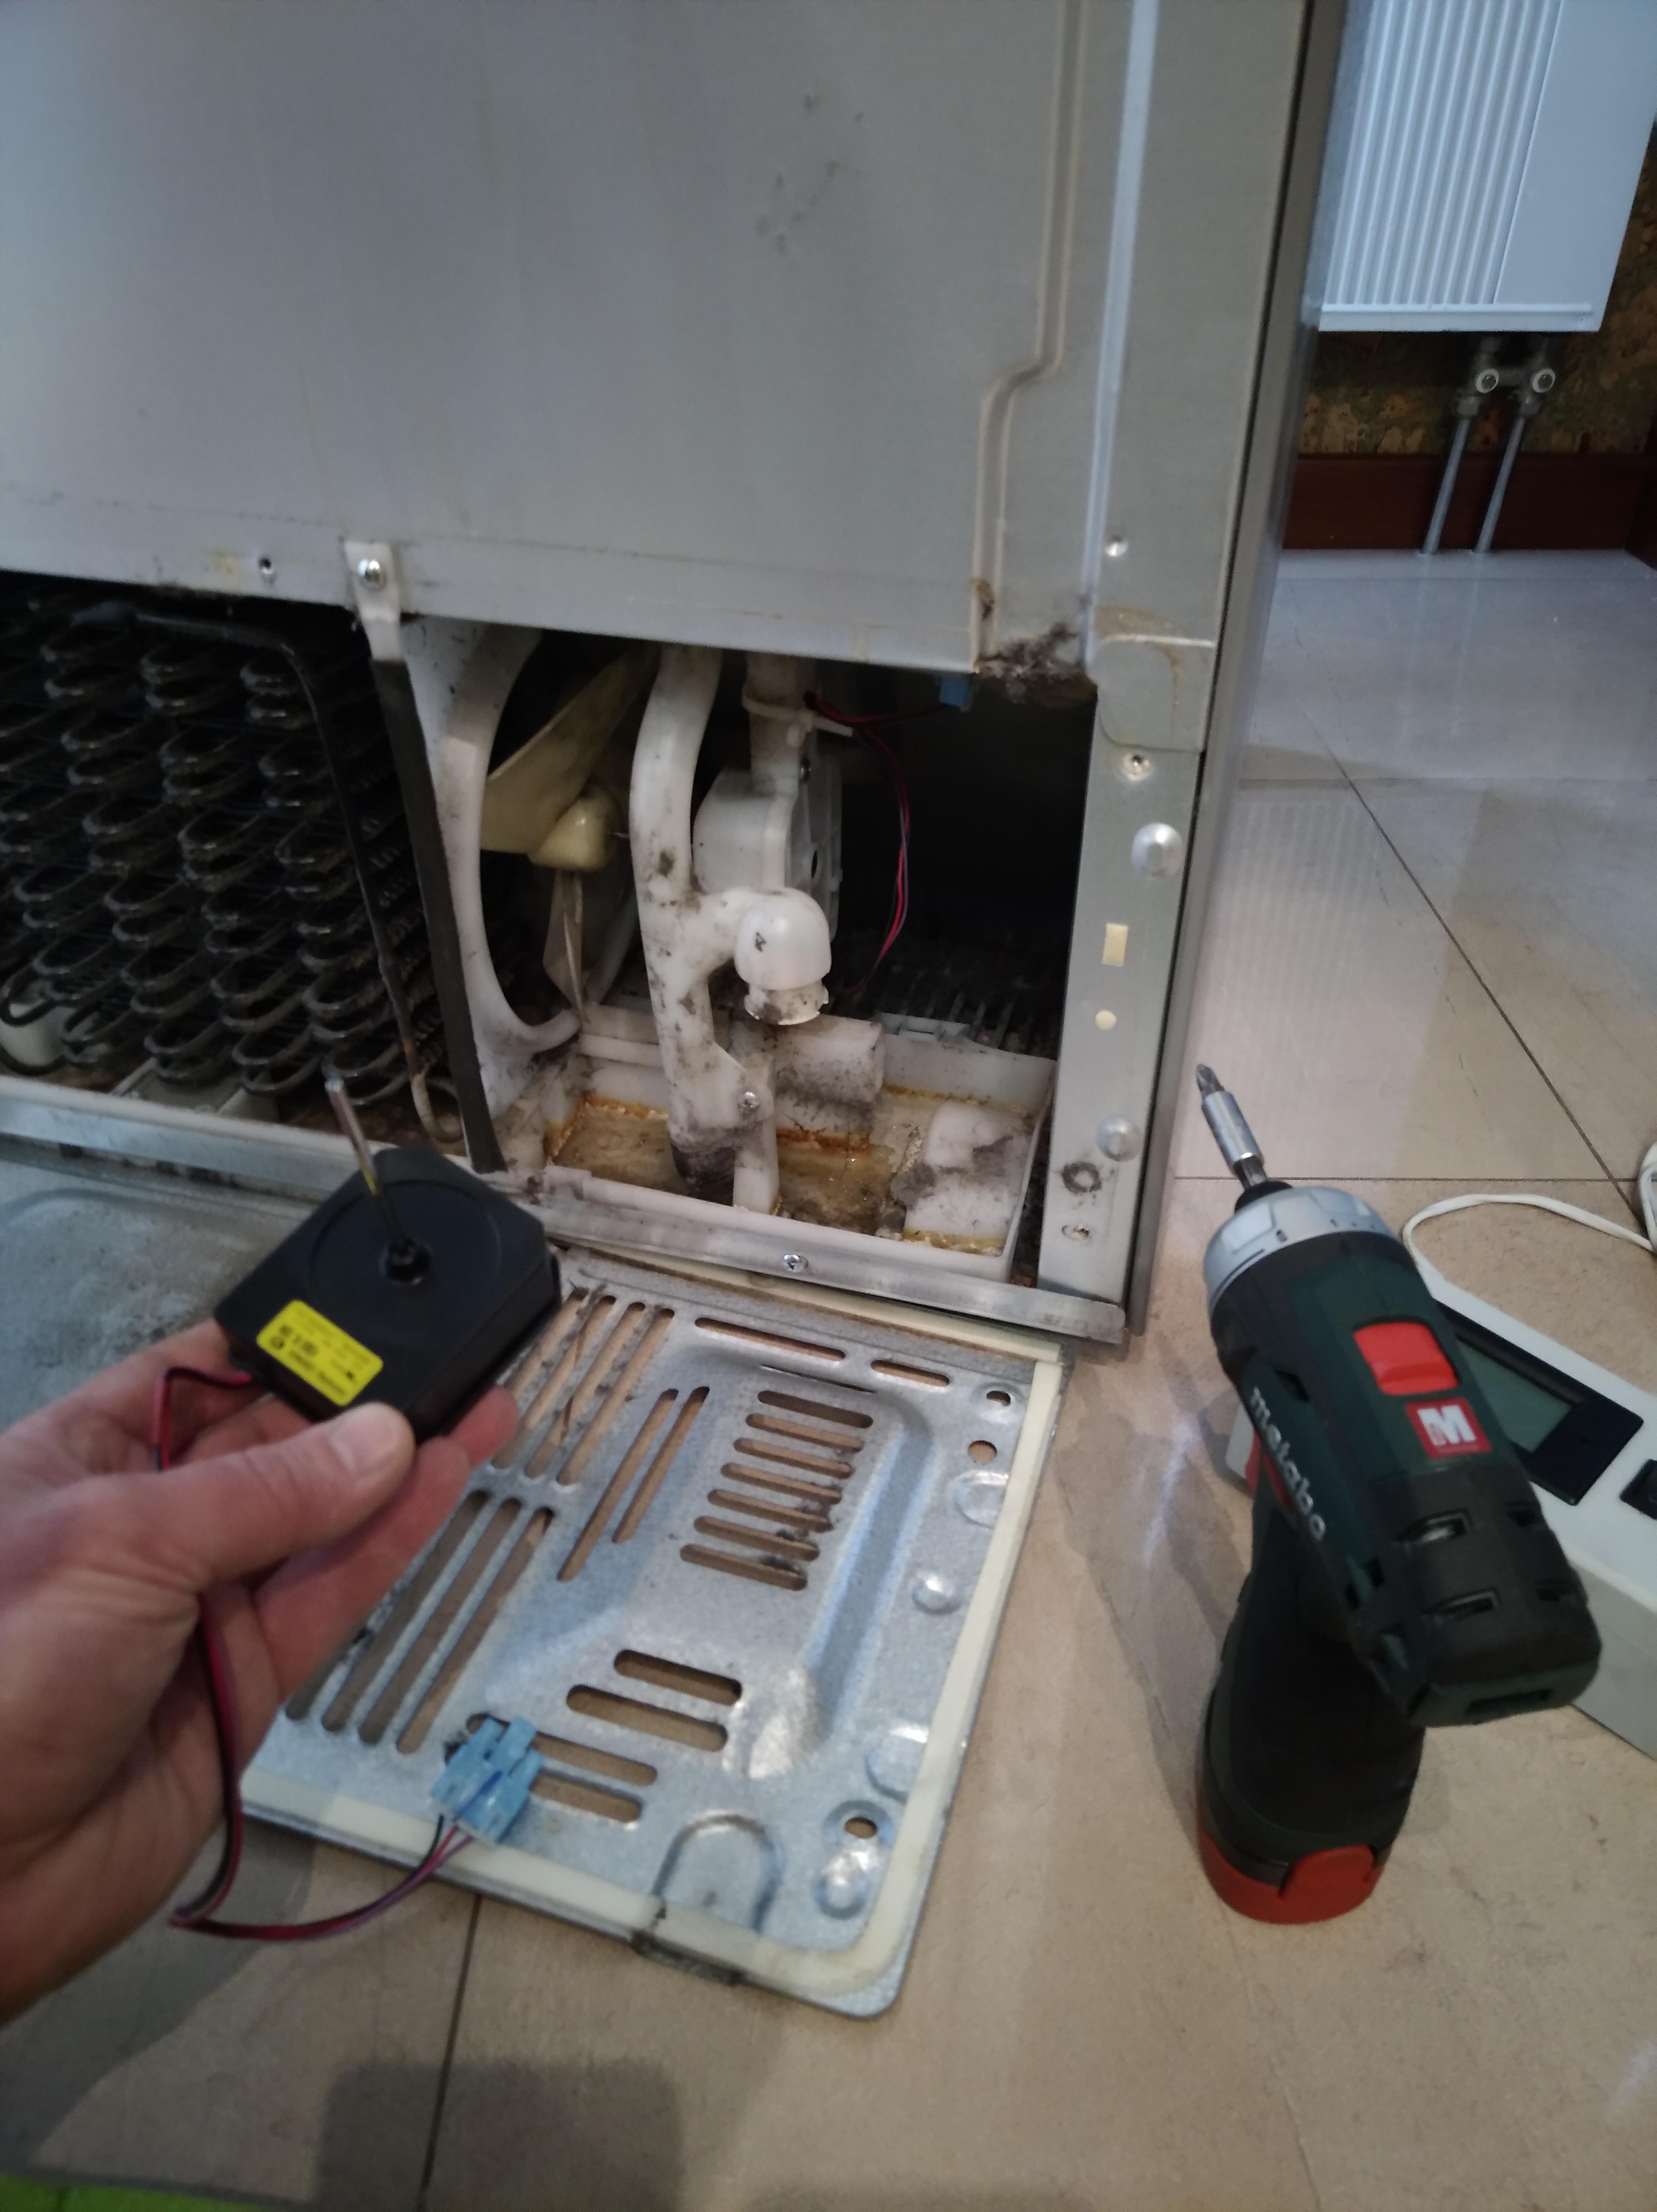 Фото Замена двигателя обдува субконденсера на холодильнике LG , двигатель оригинальный от компании LG.